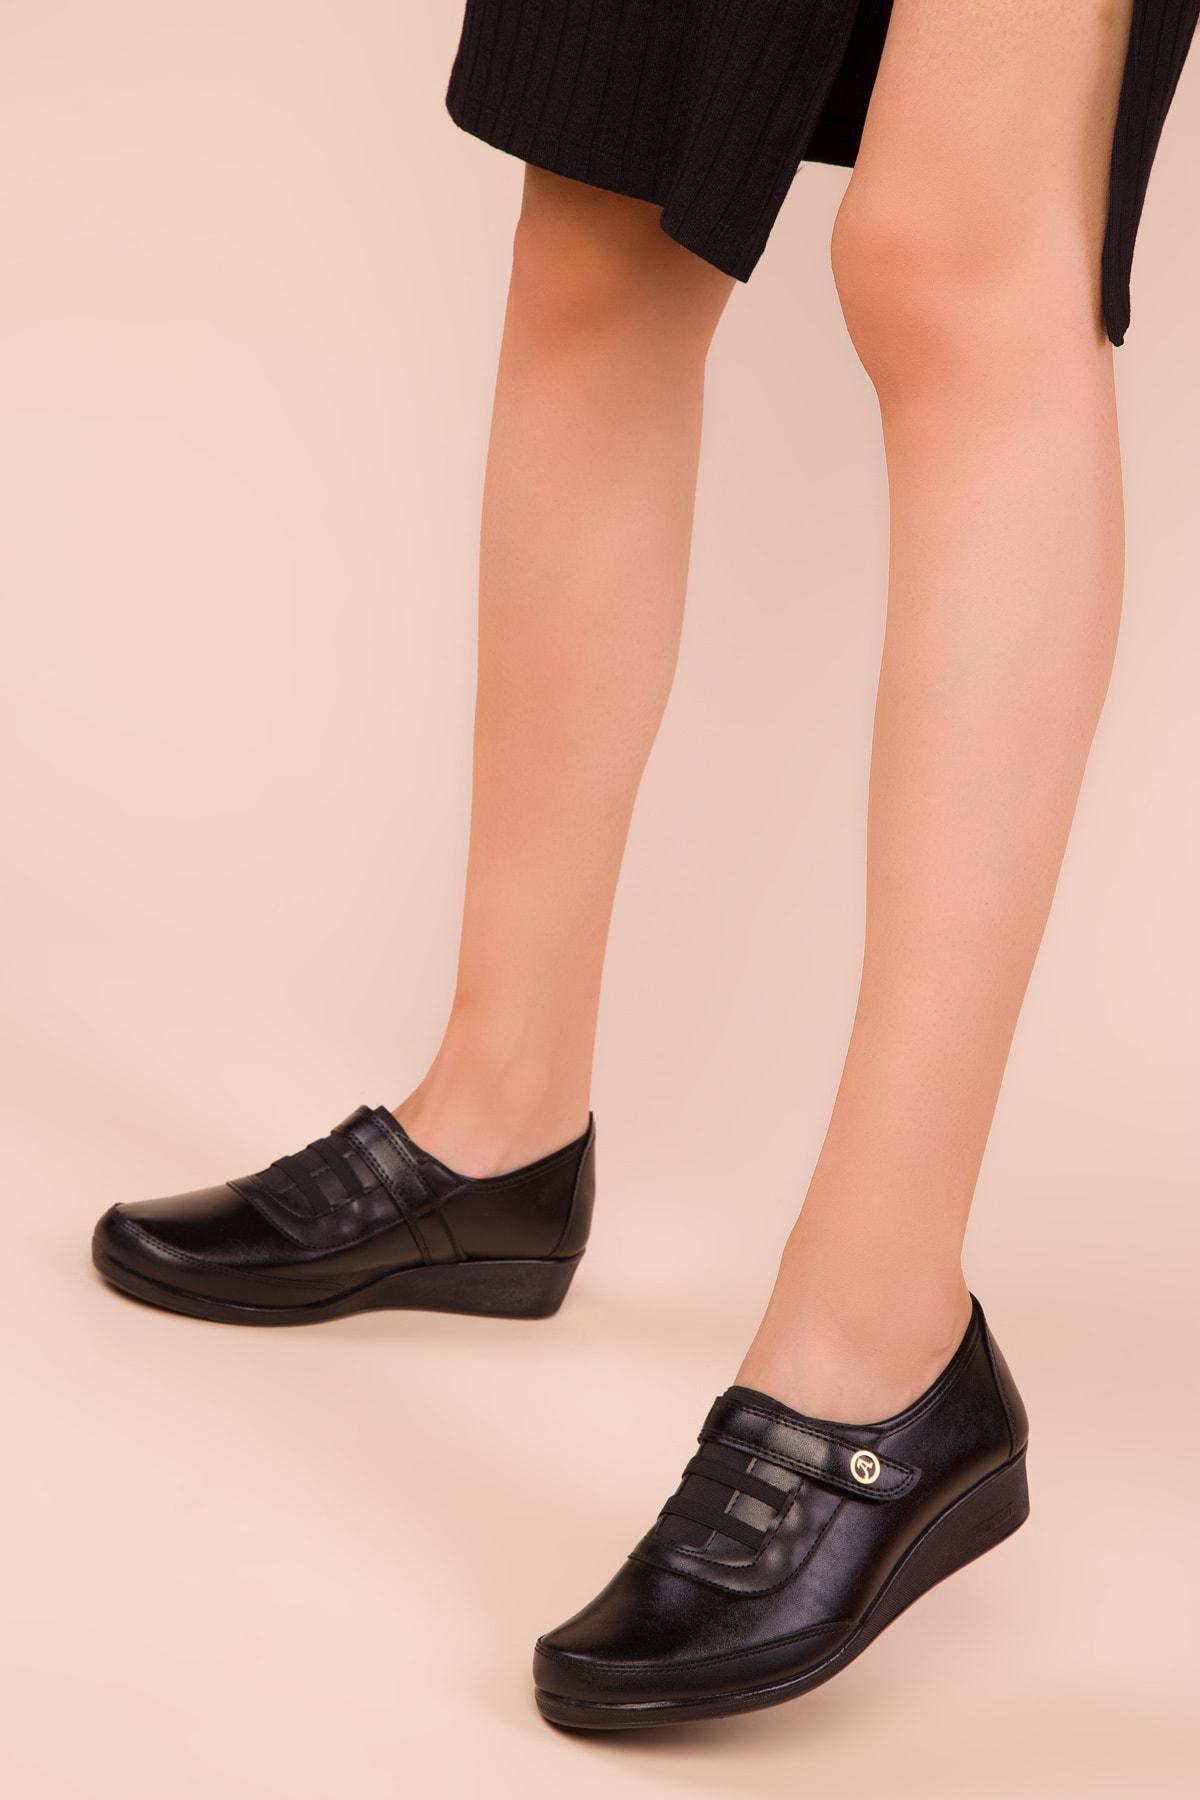 SOHO Siyah Kadın Casual Ayakkabı 15489 1